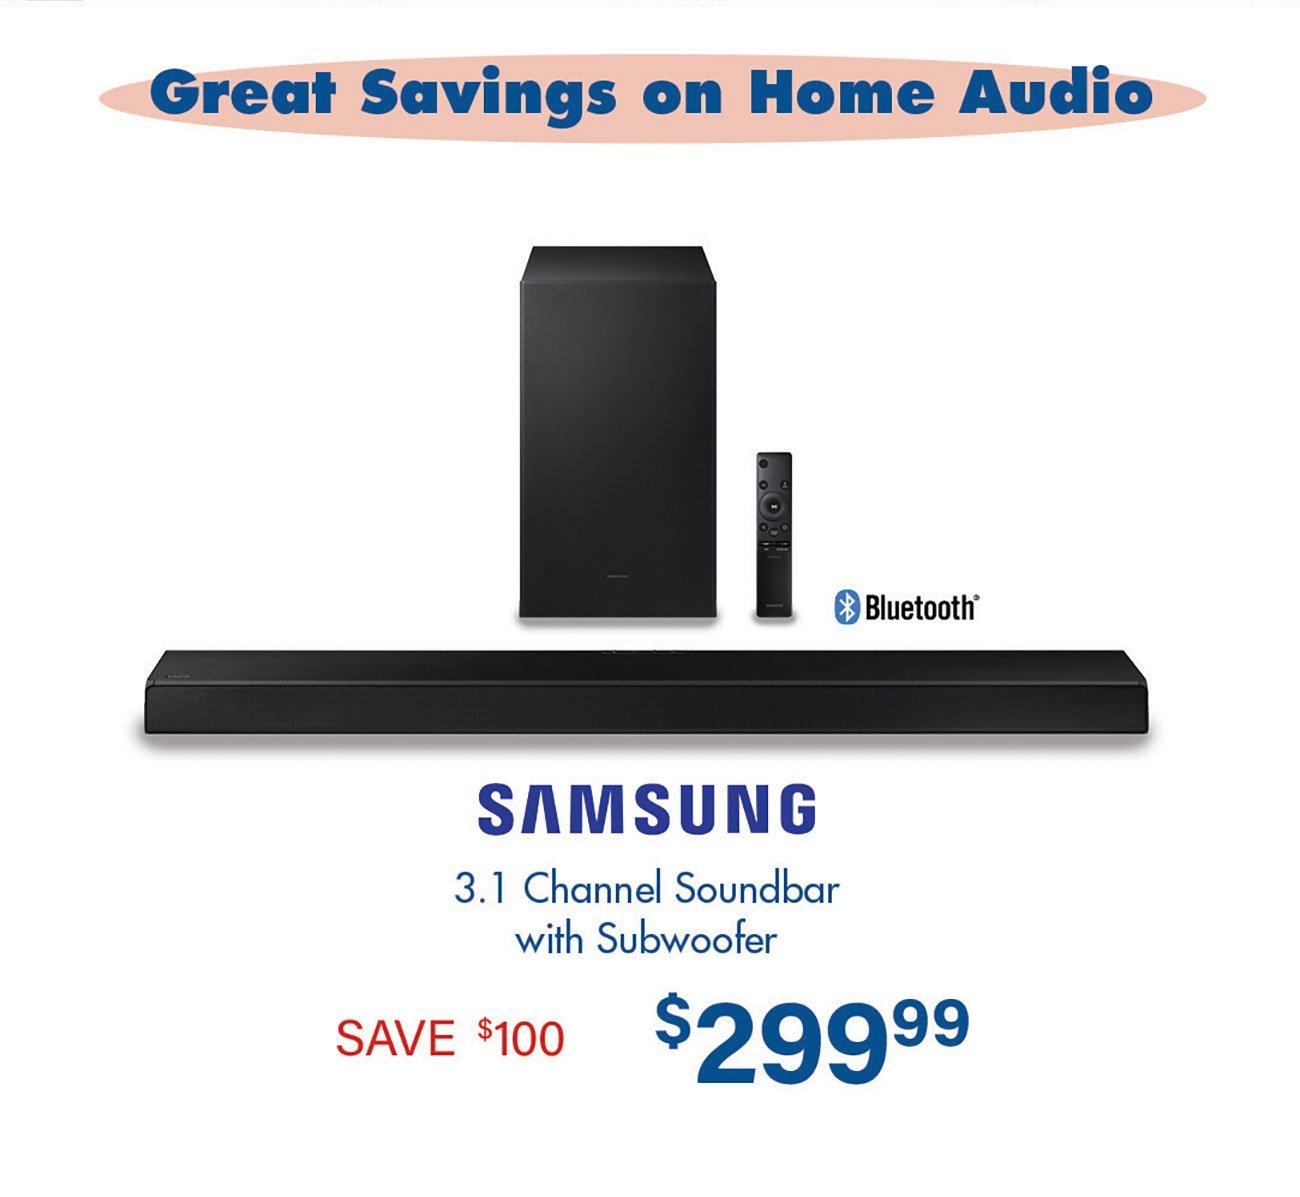 Samsung-Channel-Soundbar-Subwoofer